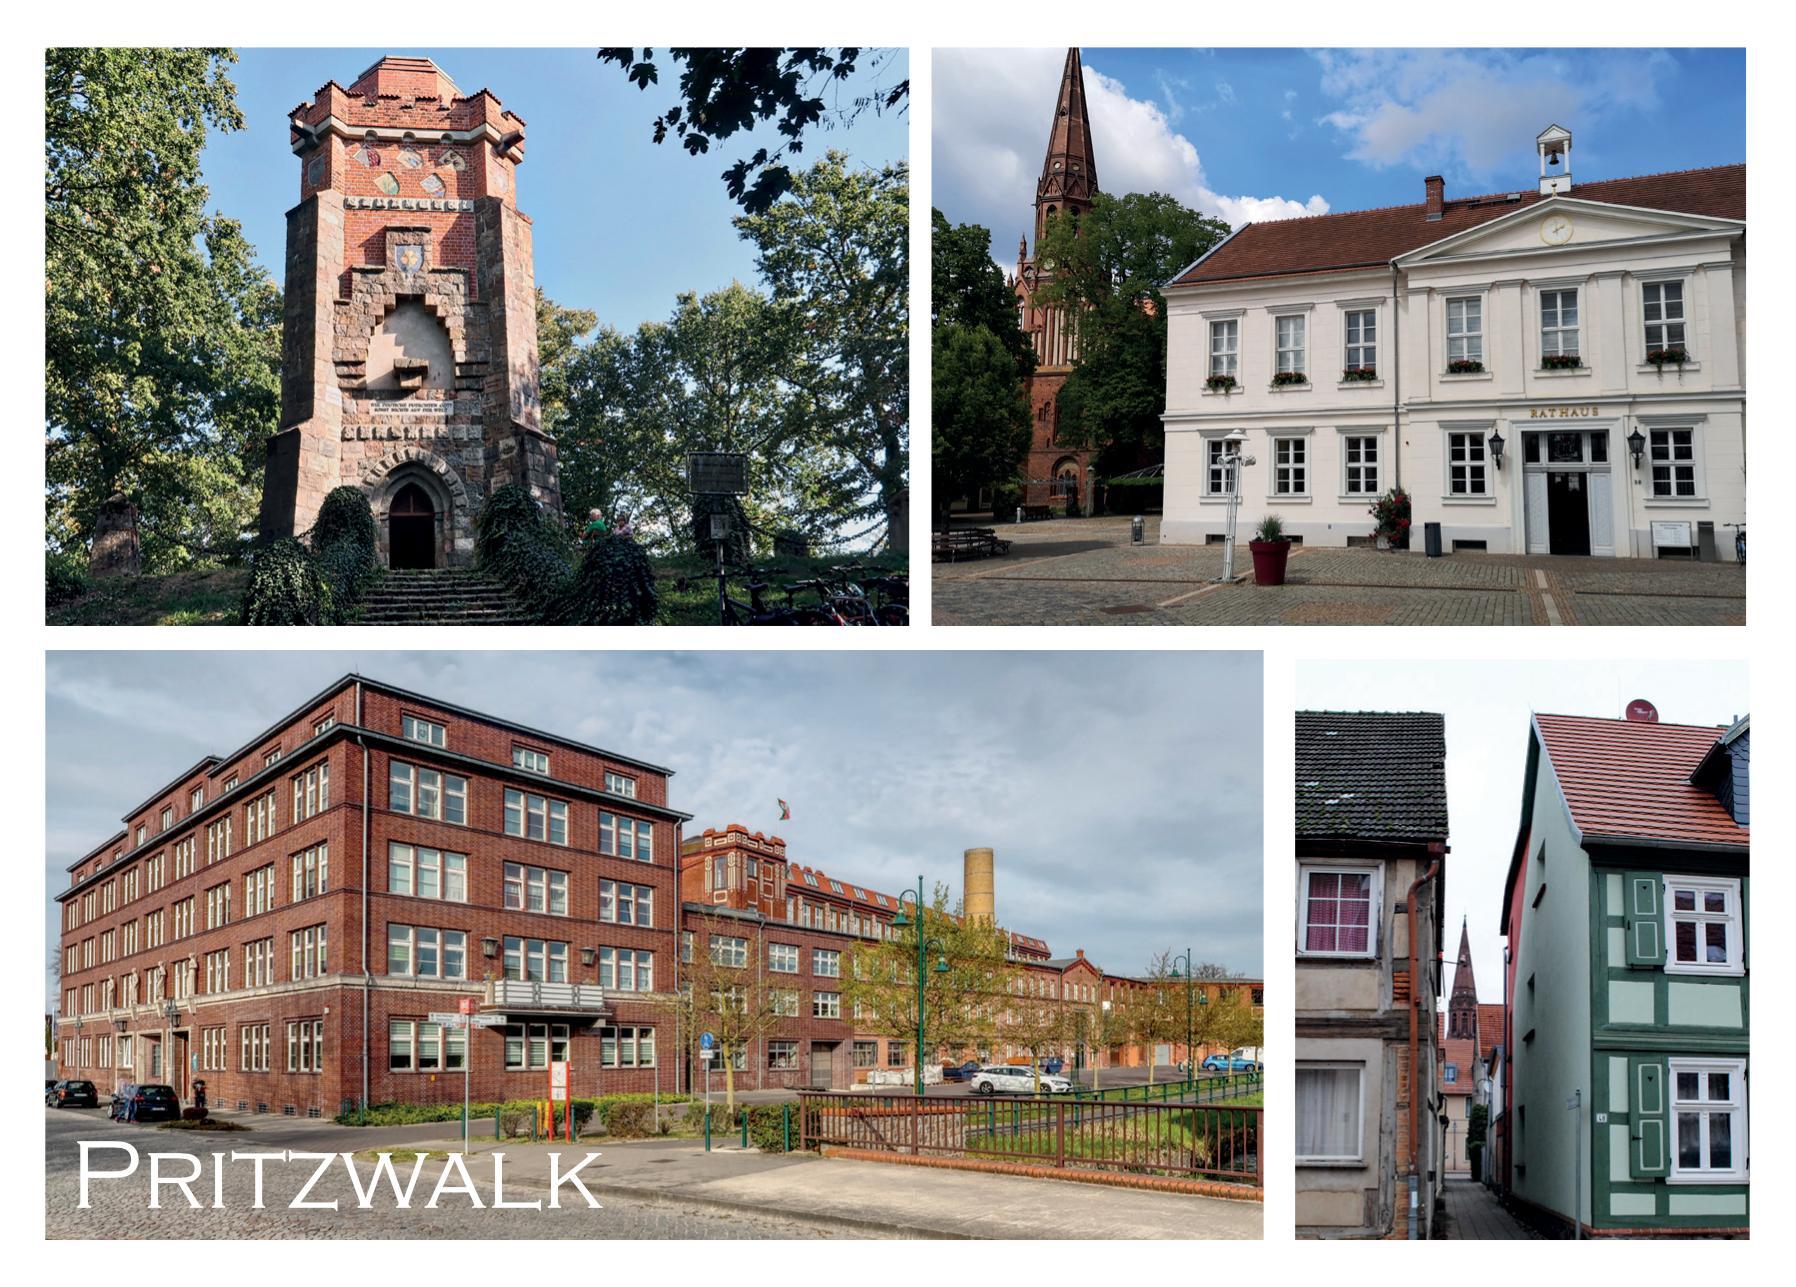 Bismarckturm, Rathaus, Tuchfabrik, Altstadt